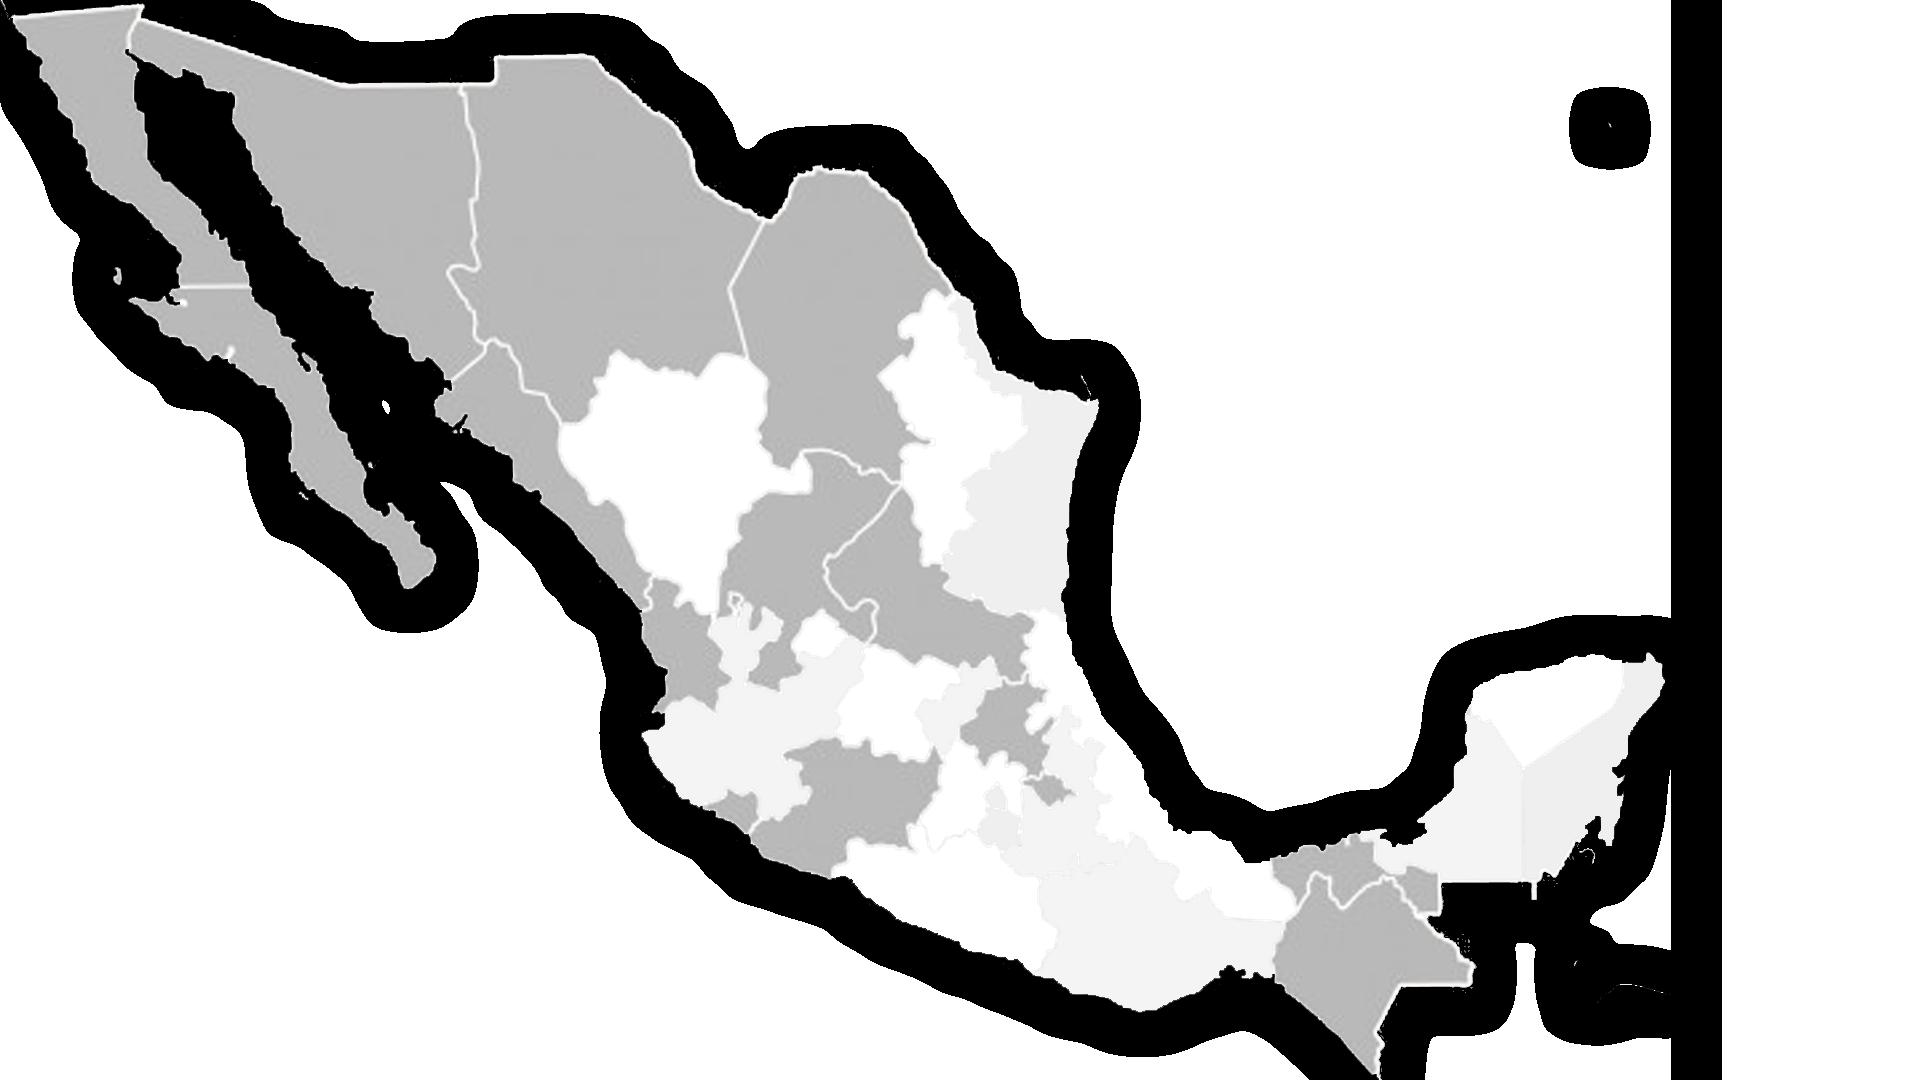 mapa-distribución-panelyacanalados